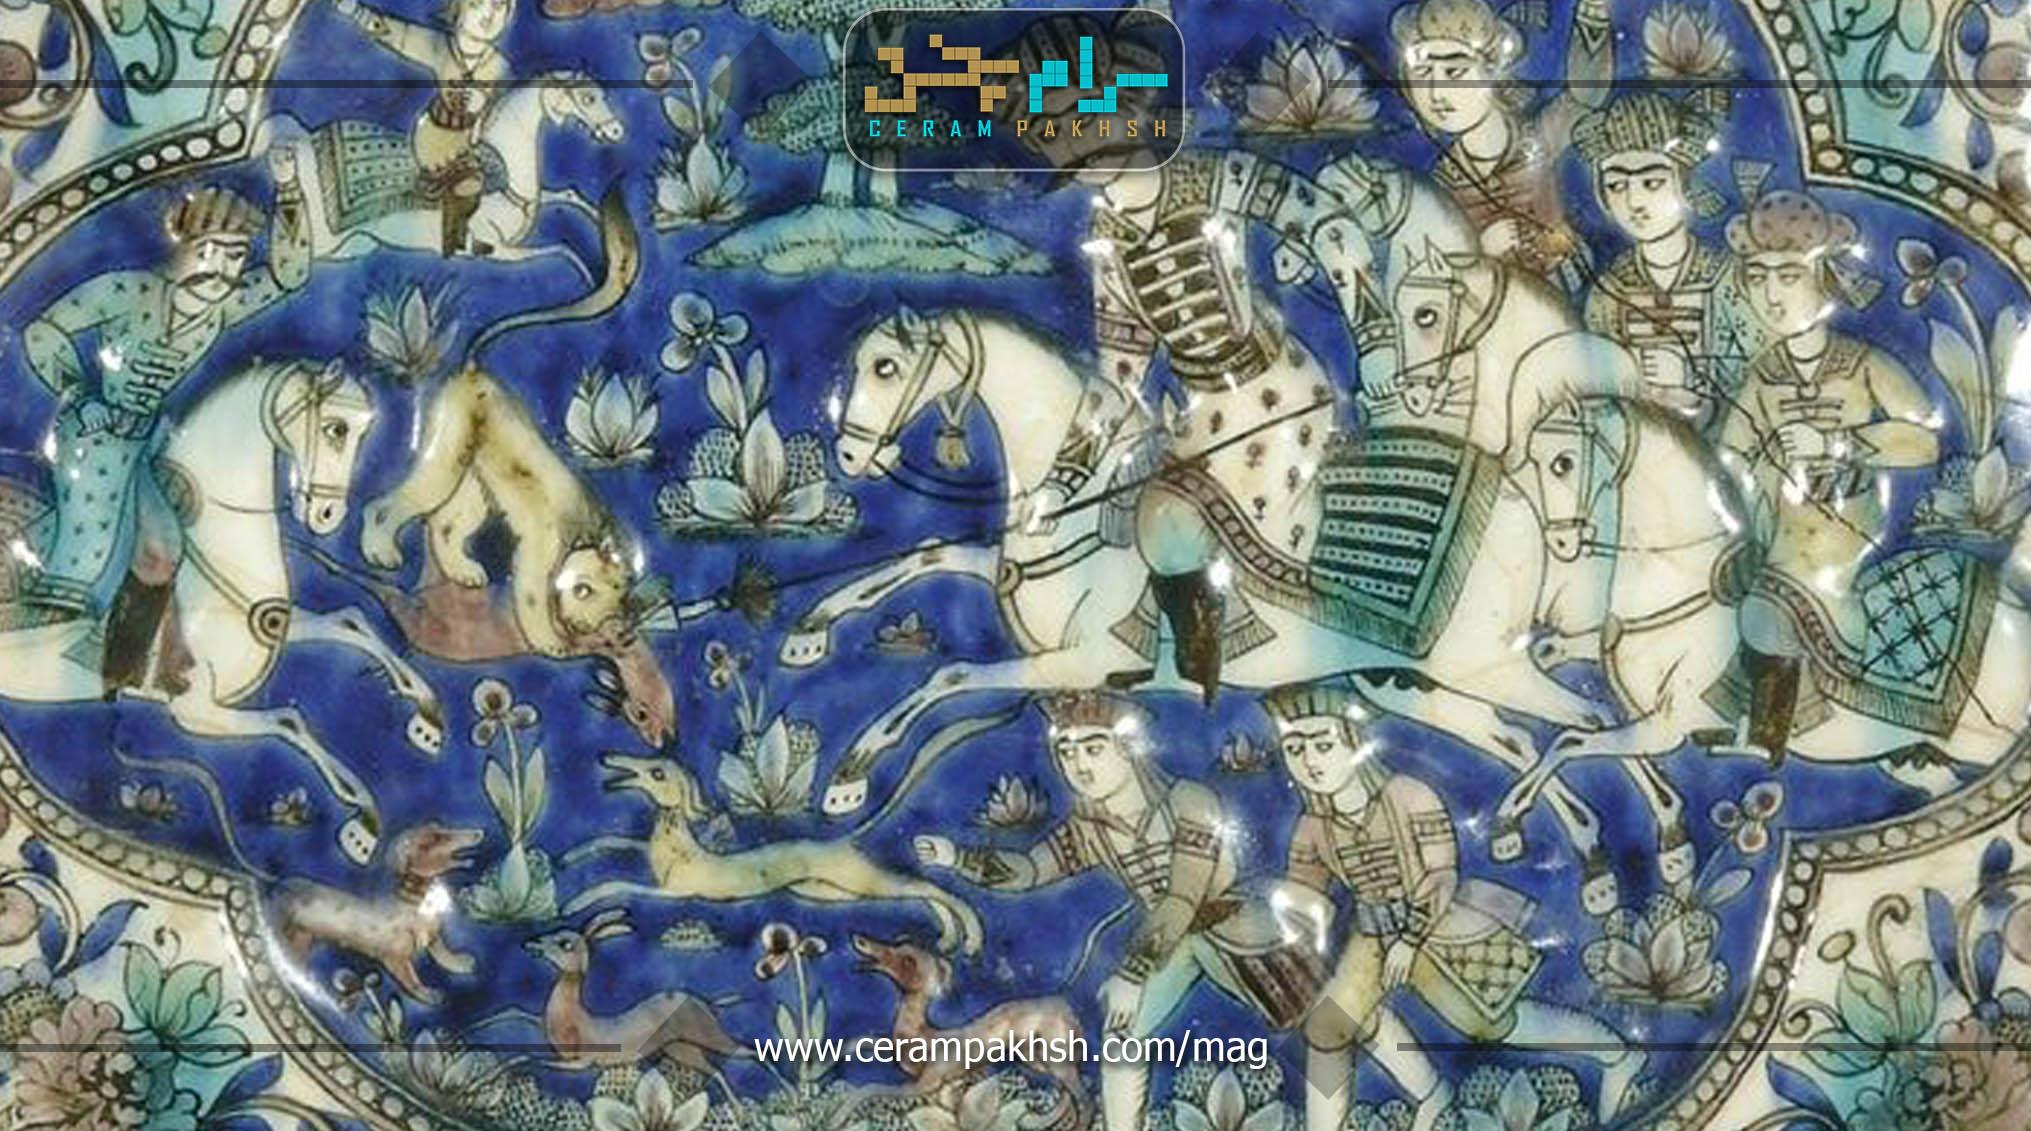 تاریخچه کاشی و سرامیک ایران